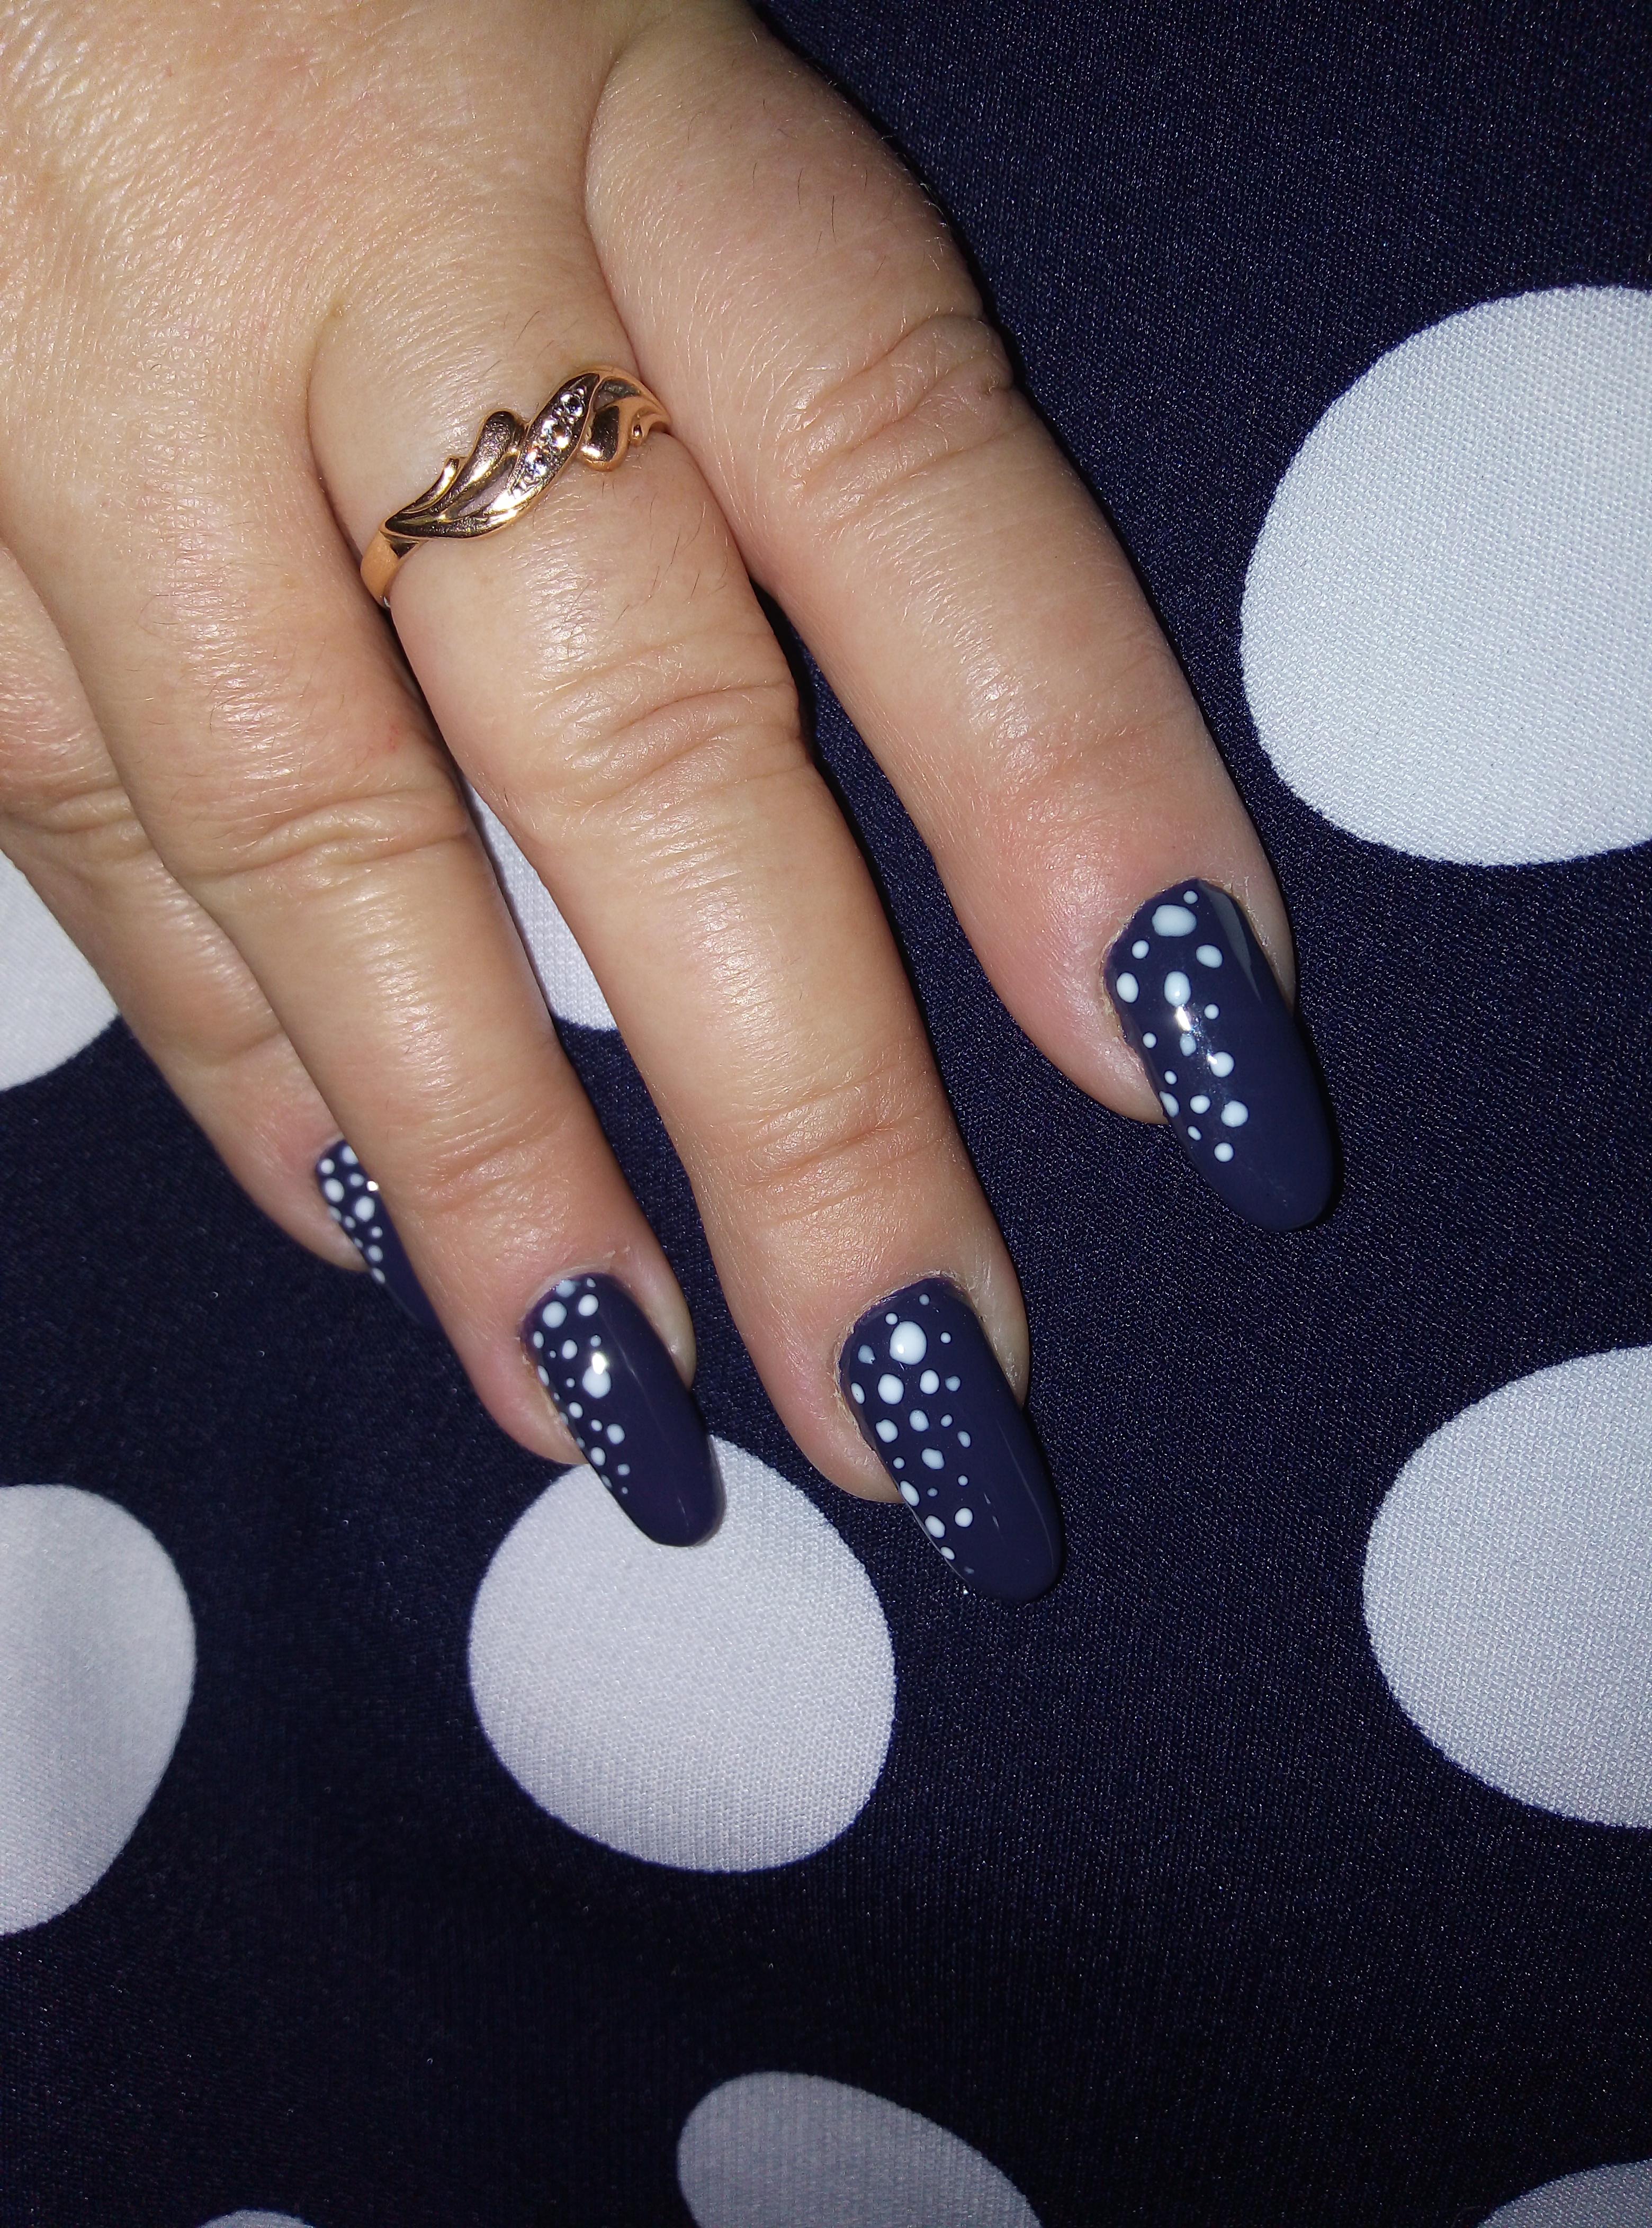 Маникюр в горошек в темно-синем цвете на длинные ногти.